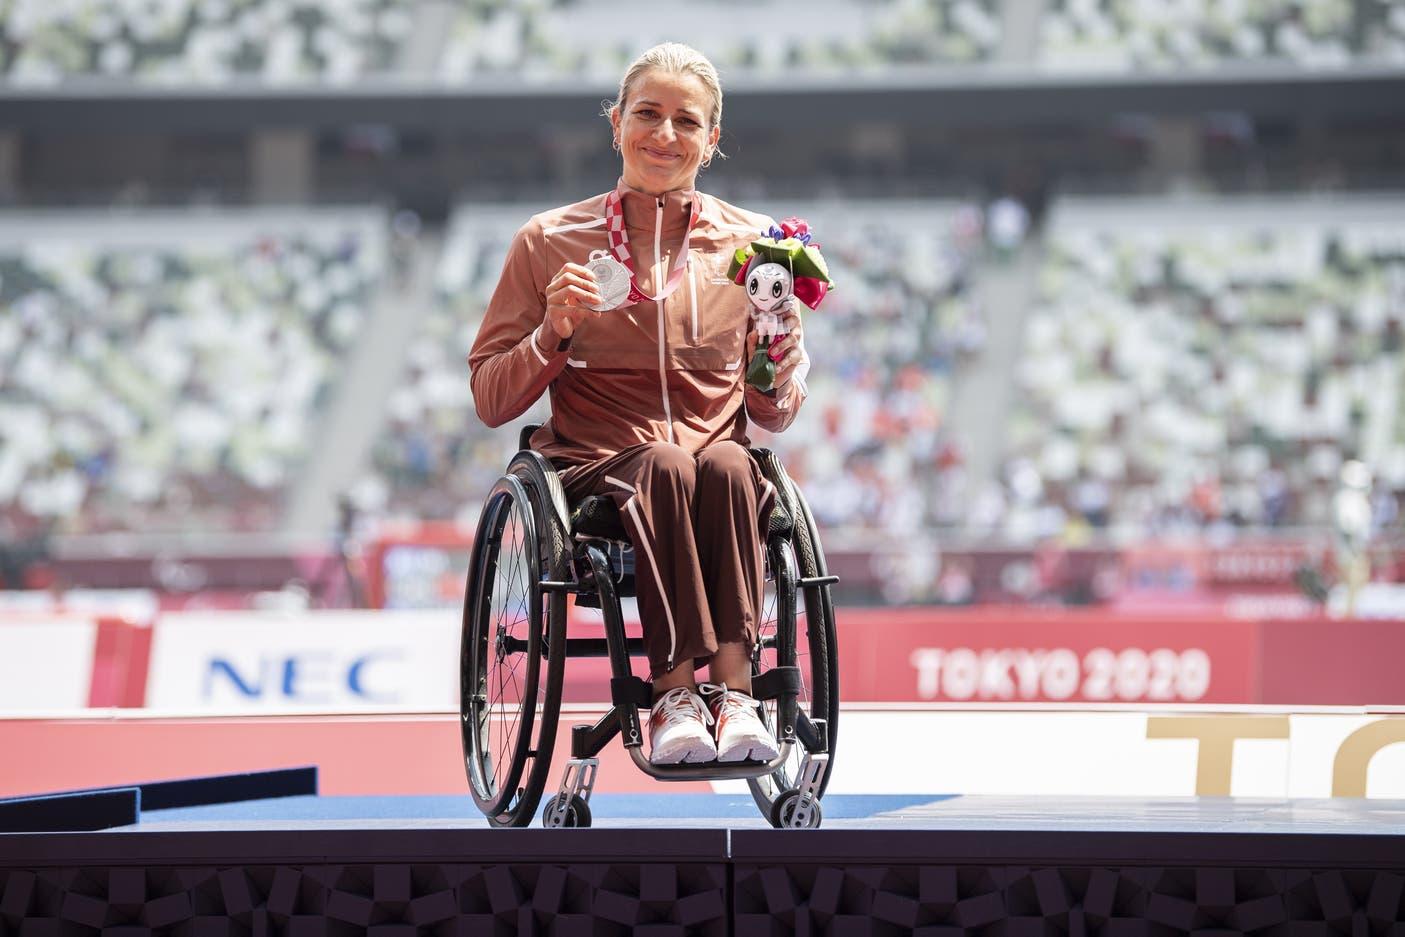 Manuela Schär 5000m Silbermedaille Tokio